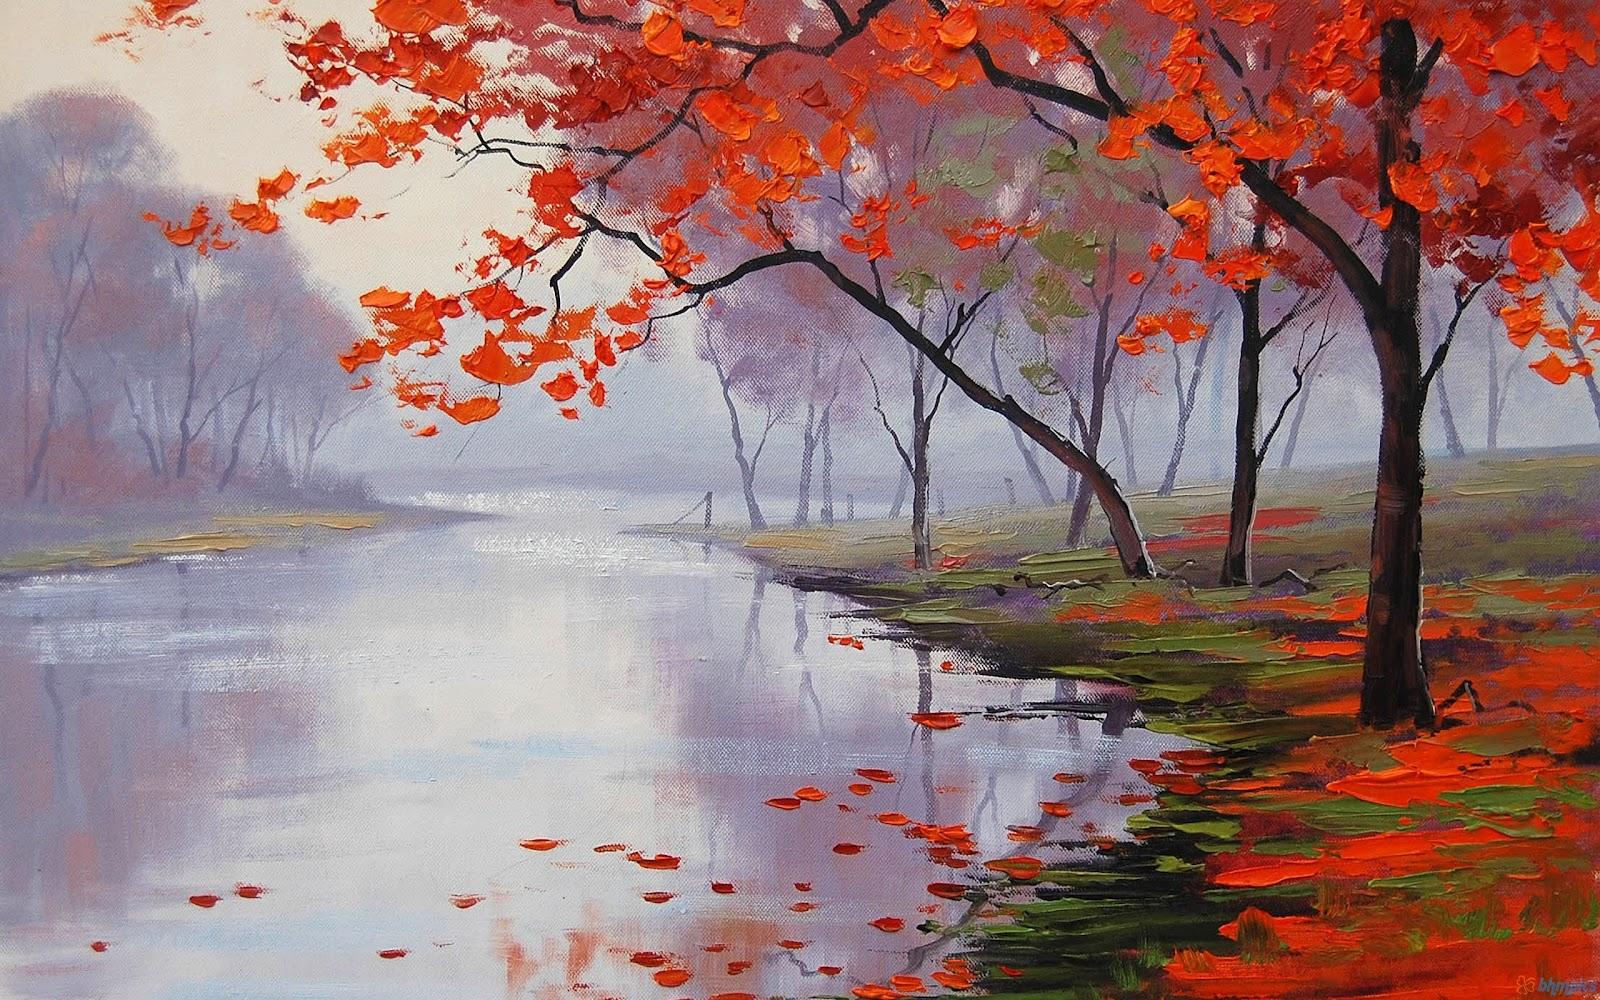 http://1.bp.blogspot.com/-J4Jg1oR0W48/UCfyIH5KNeI/AAAAAAAACng/_e_-ChloTX8/s1600/drawing_deciduous_forest-2560x1600.jpg